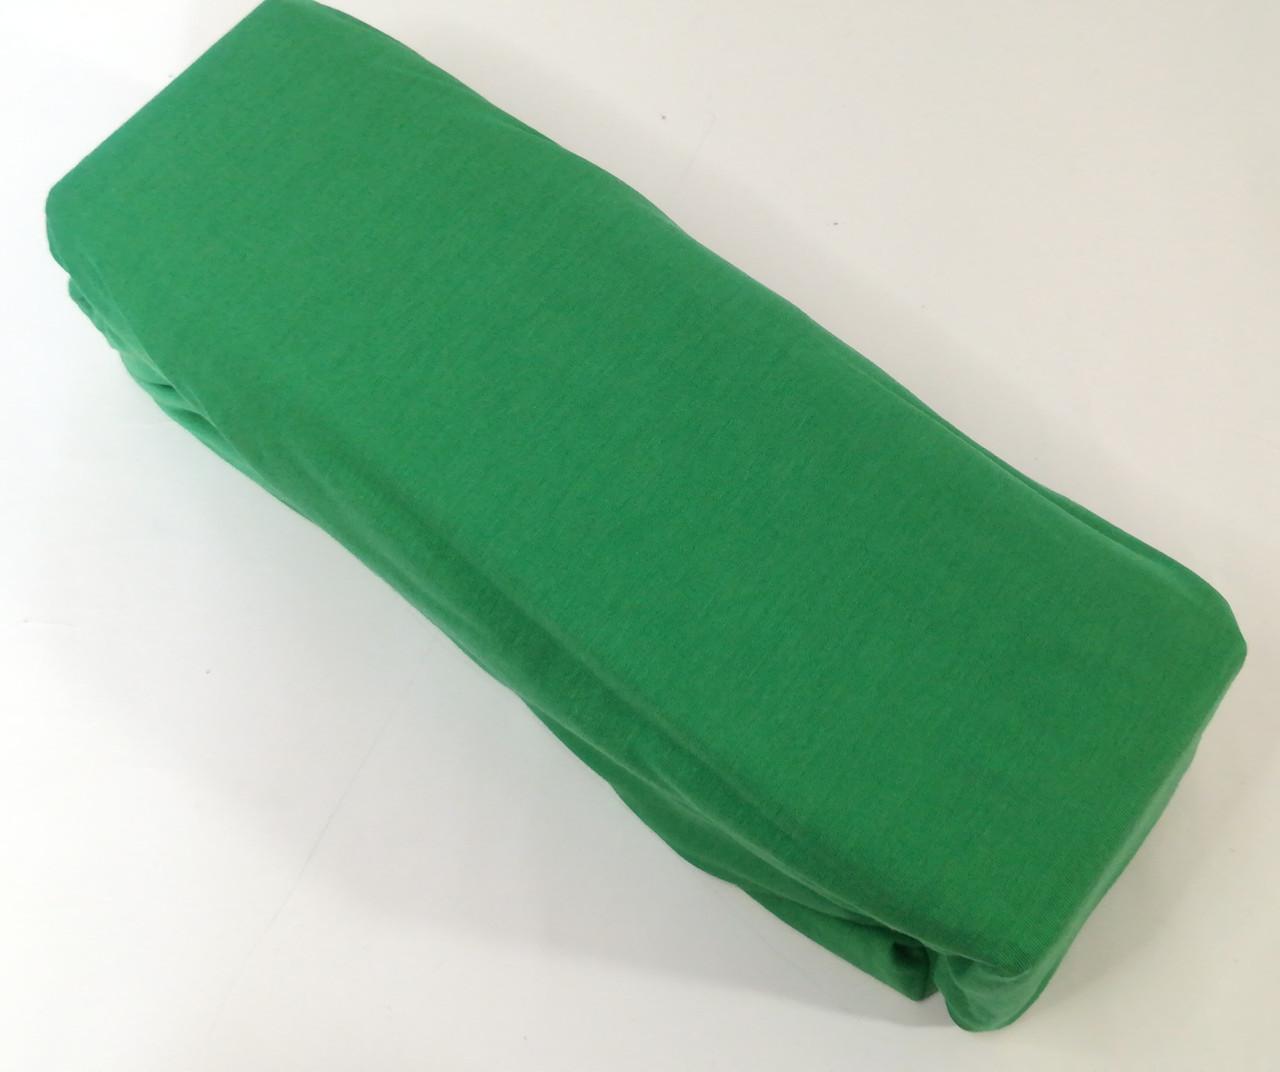 Простынь на резинке 160х200 см, Зеленая, трикотаж Хлопок, Турция